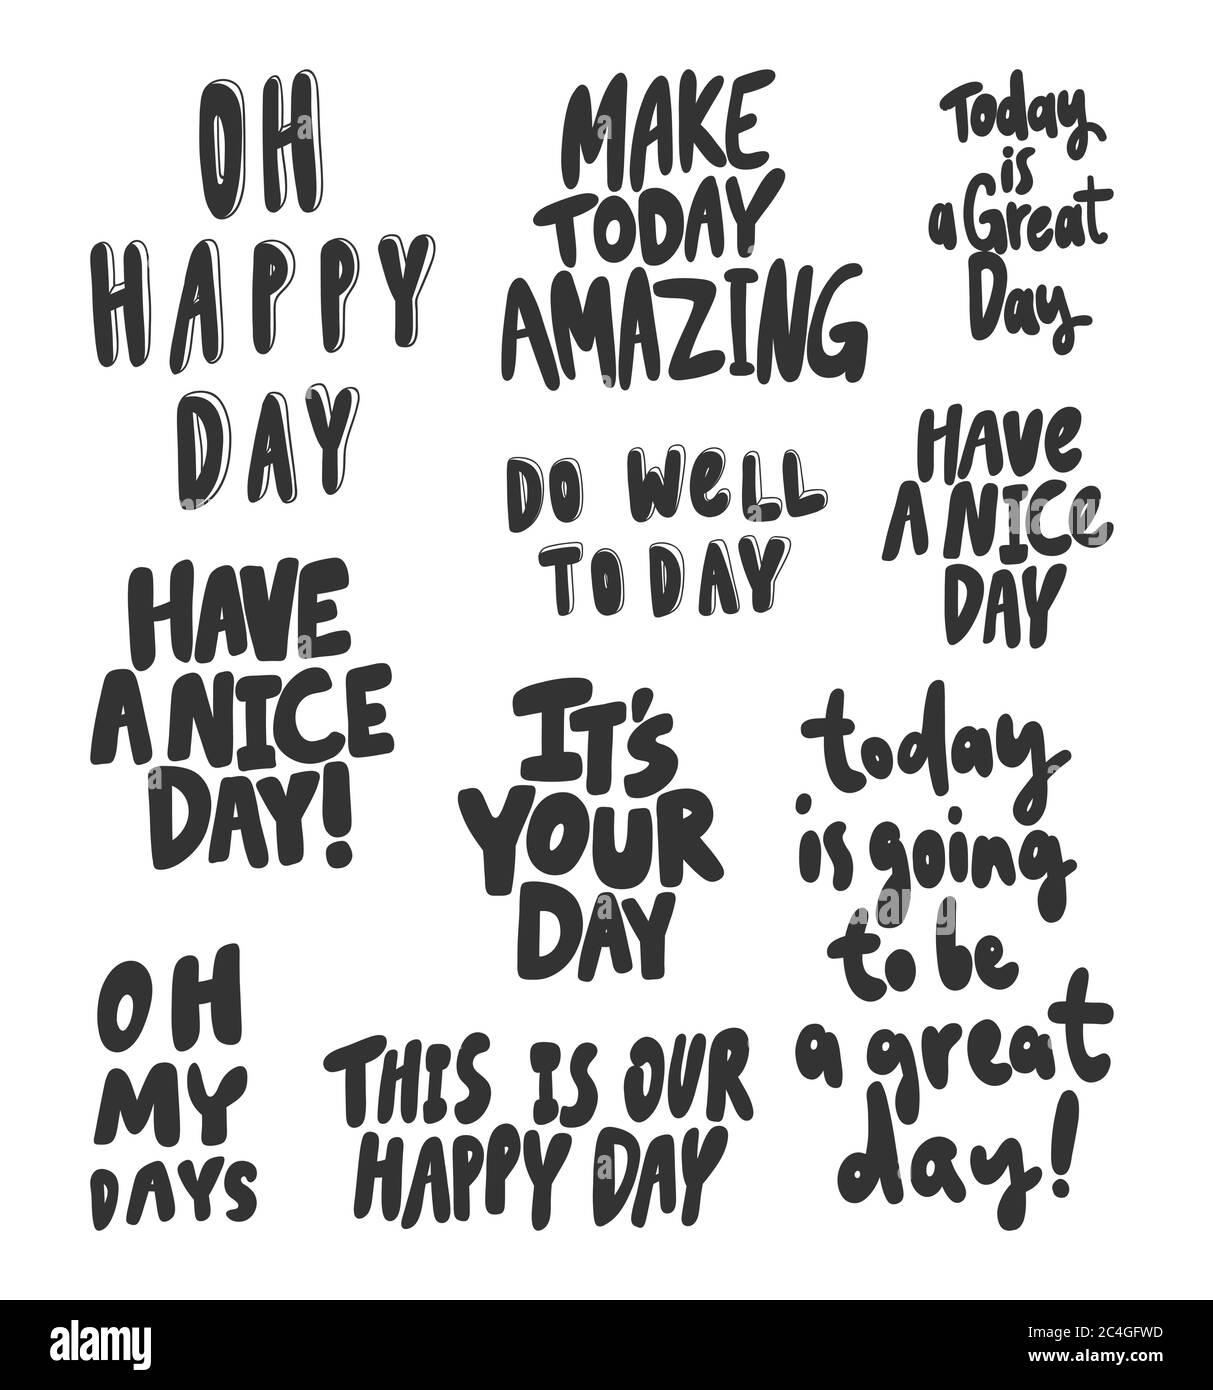 OH, felice, giorno, grande, bello, bene, stupefacente, oggi. Collezione di illustrazioni vettoriali disegnate a mano con scritte cartoon. Illustrazione Vettoriale